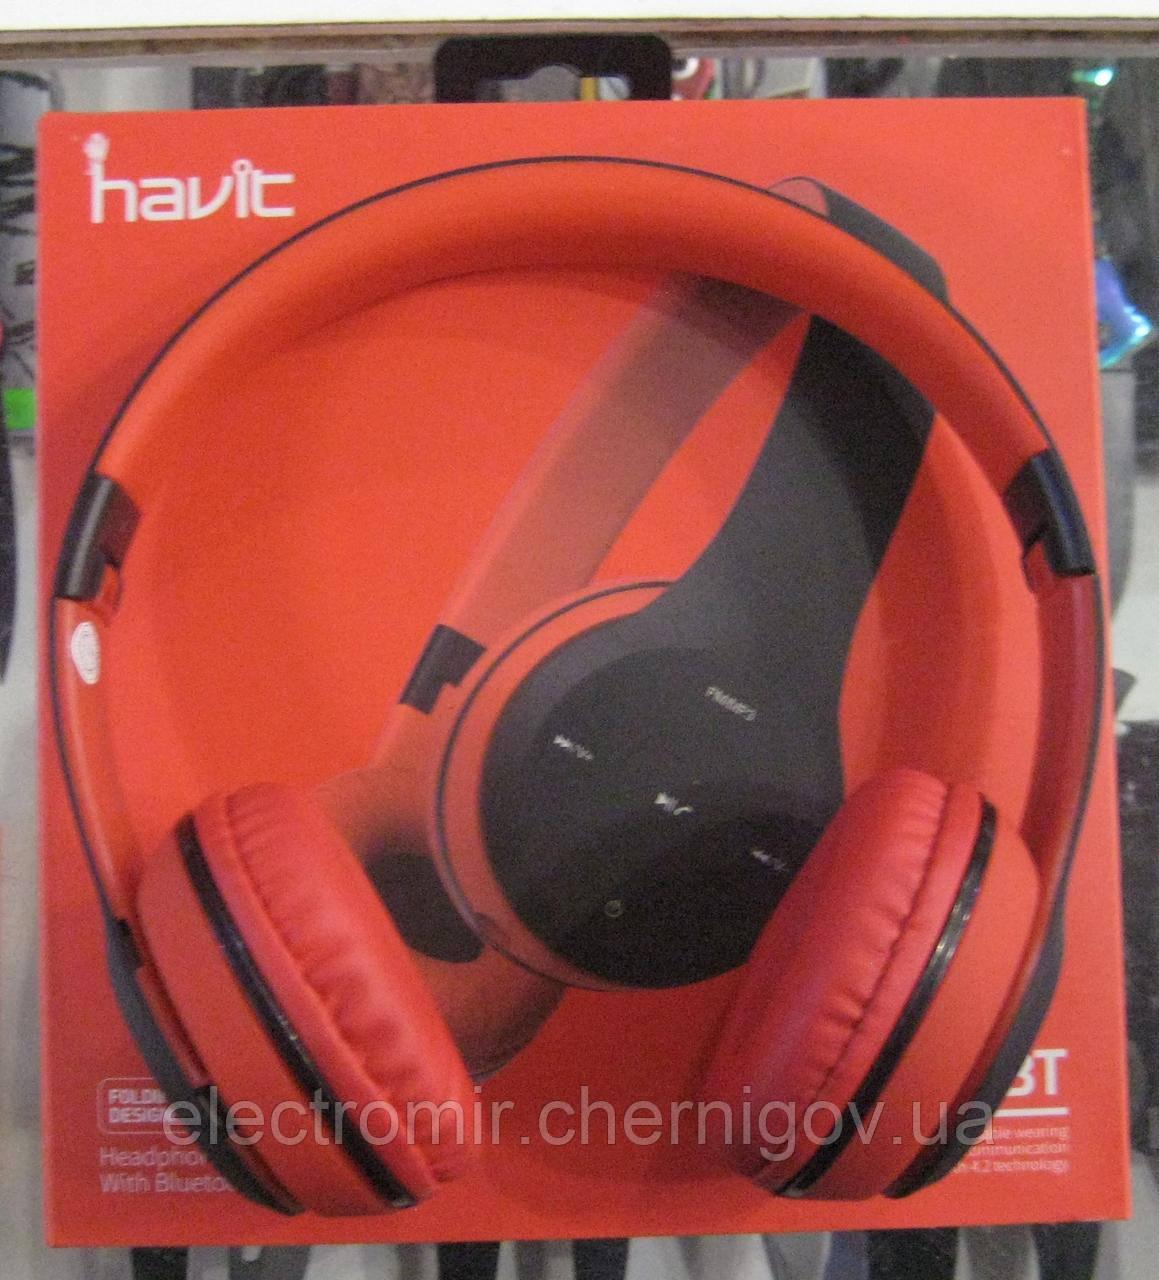 Наушники беспроводные Bluetooth с микрофоном Havit HV-H2575BT (красные)